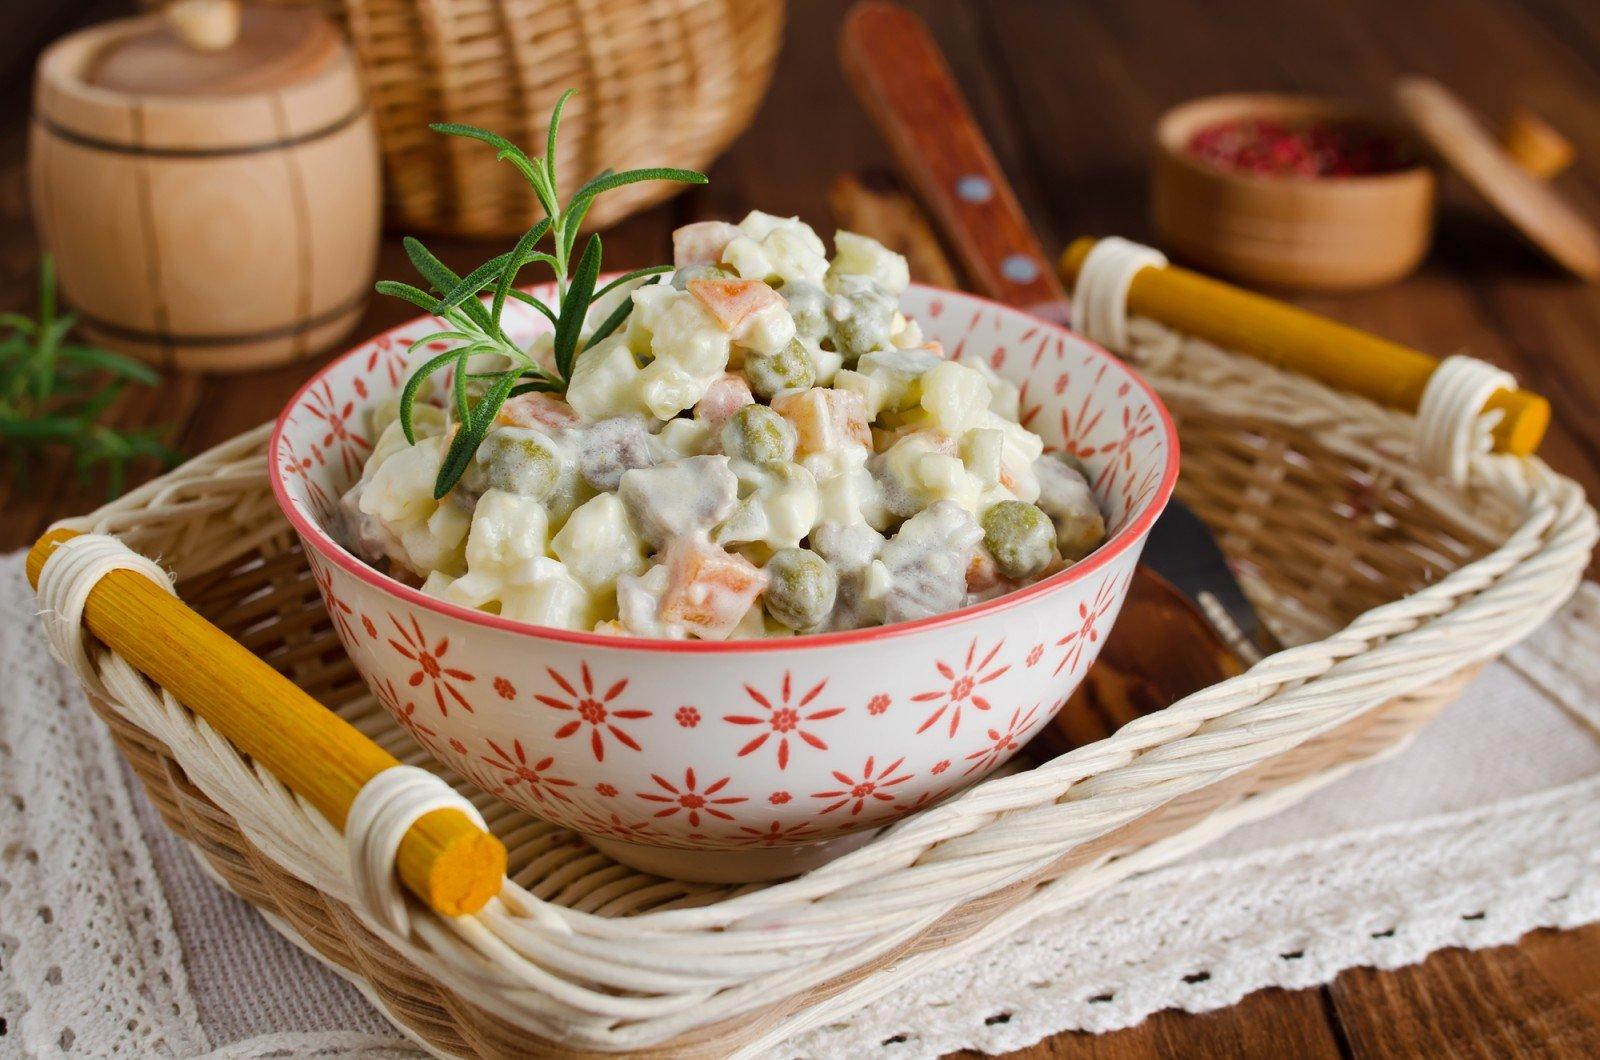 Оливье для дорогих гостей: готовим классический салат с самыми изысканными ингредиентами